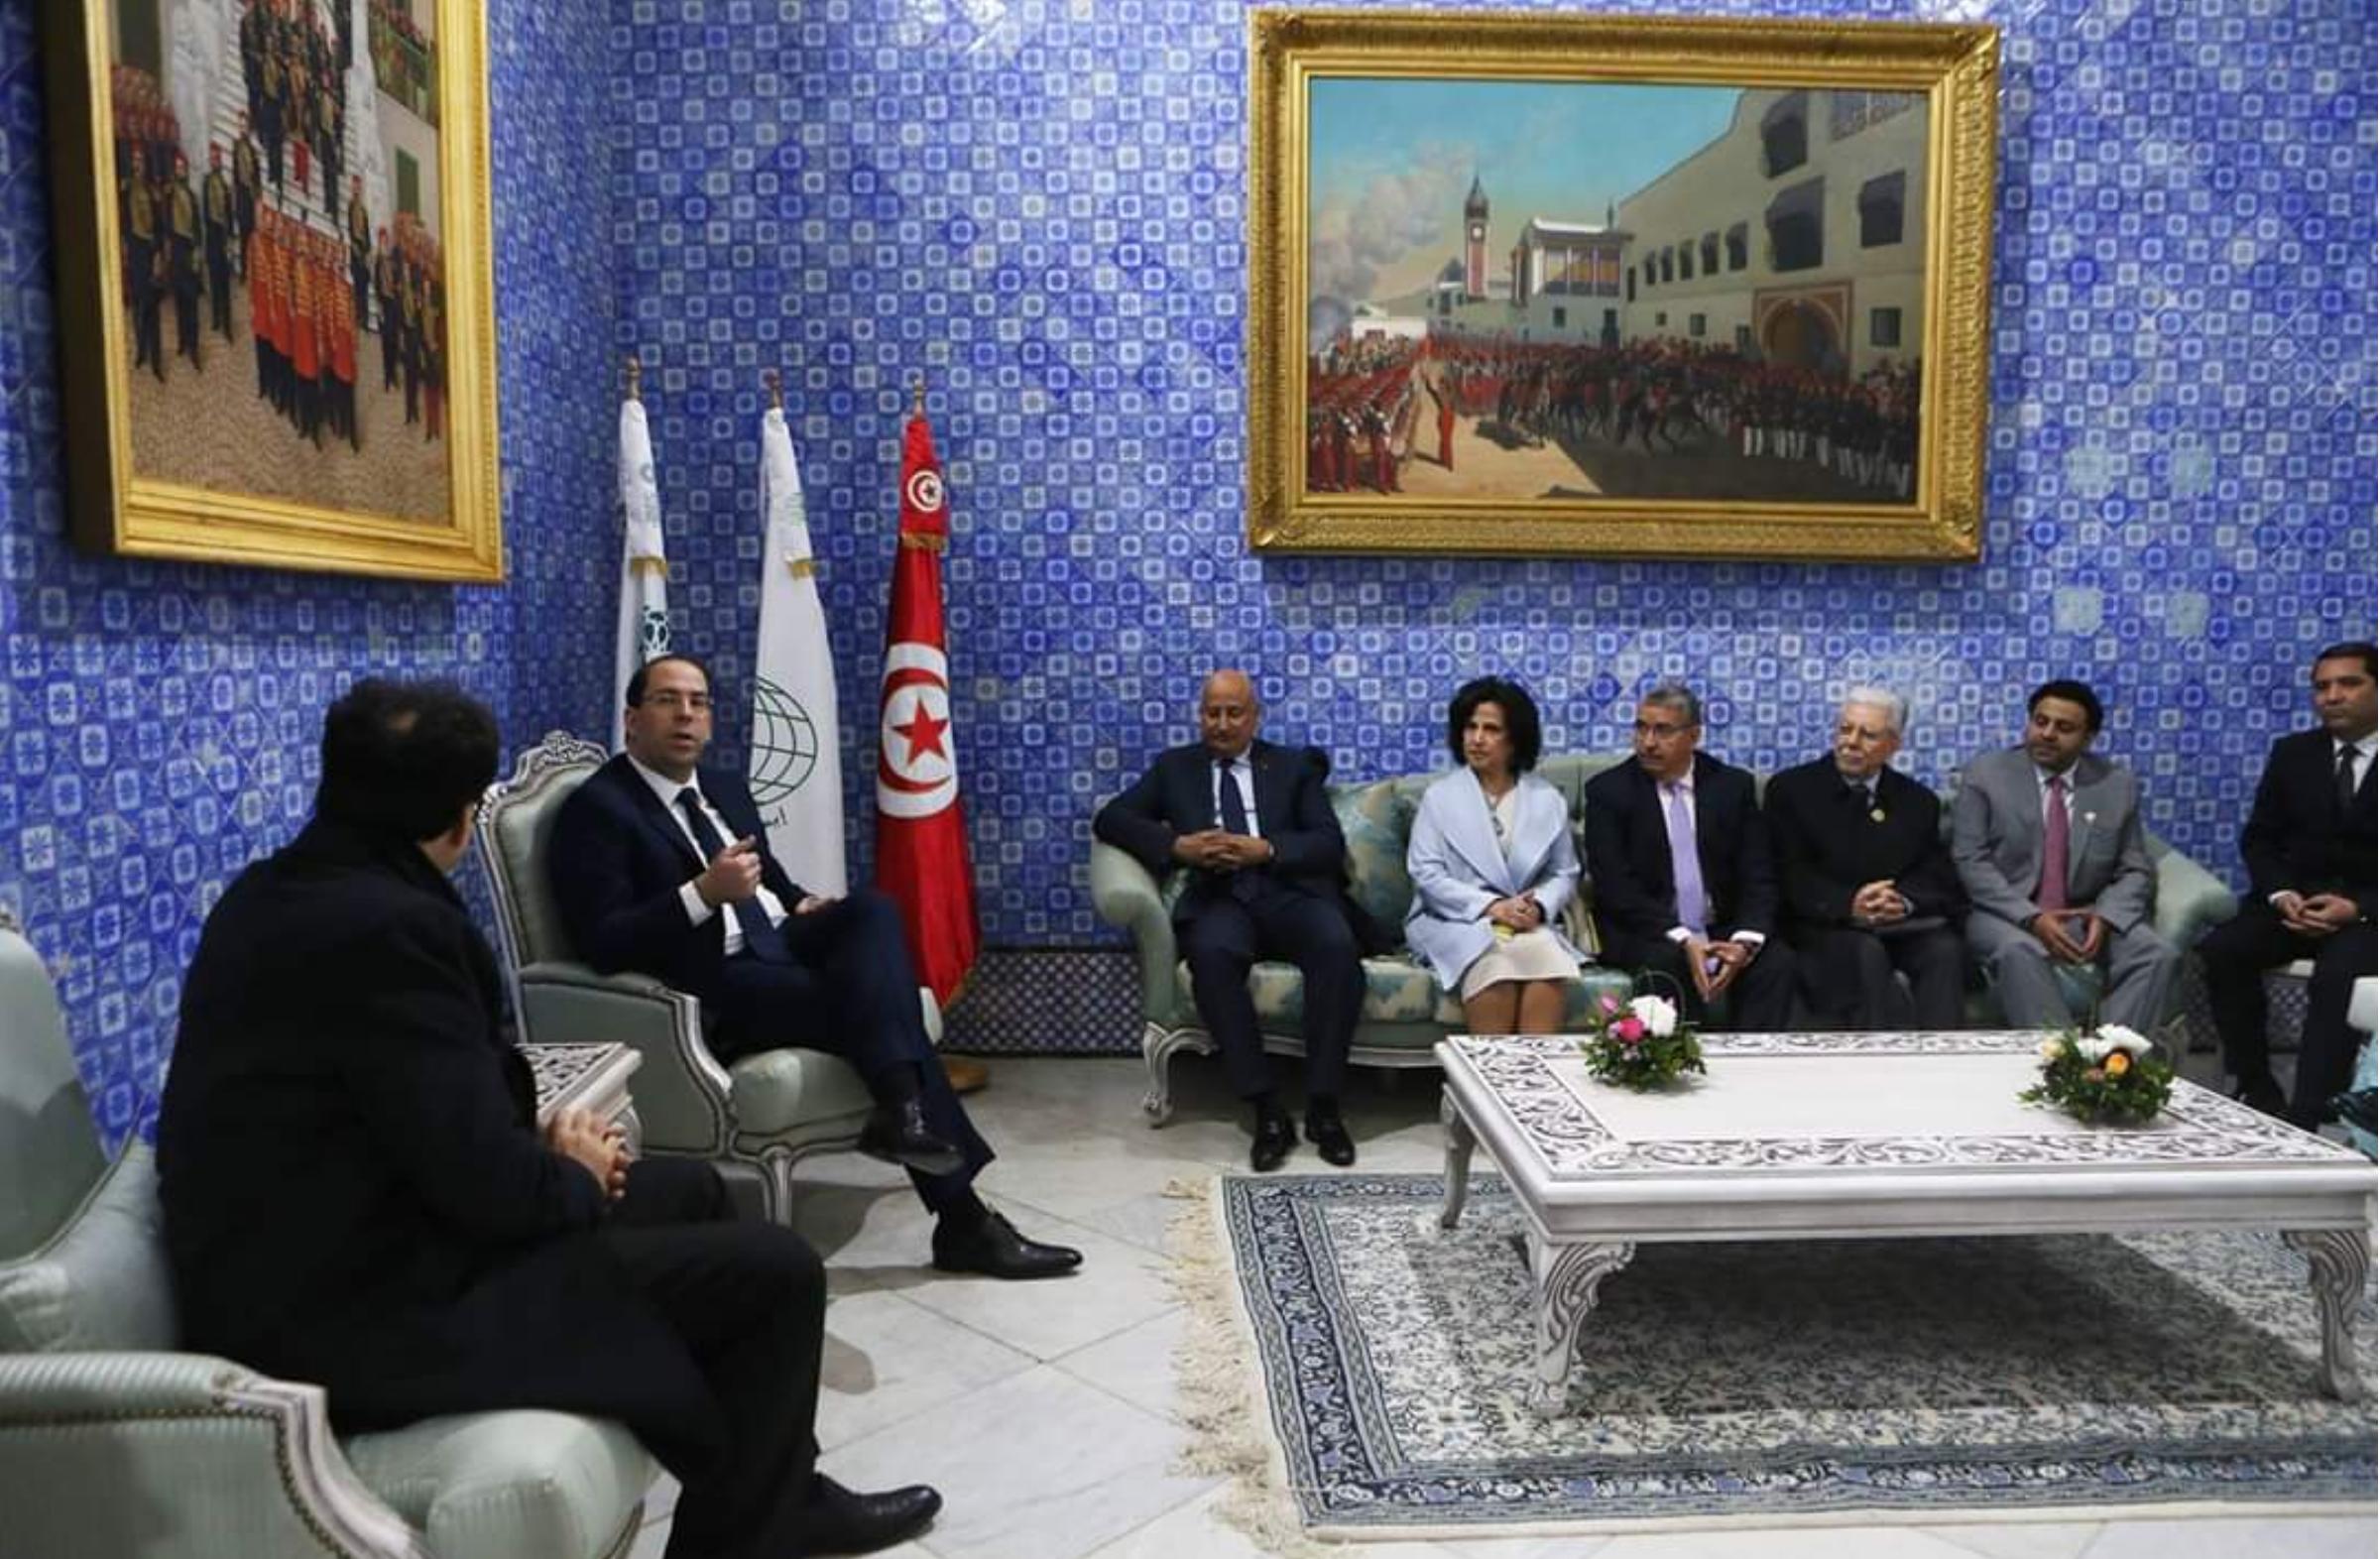 الشيخة مي تشارك في احتفال إطلاق تونس عاصمة الثقافية الإسلامية 2019